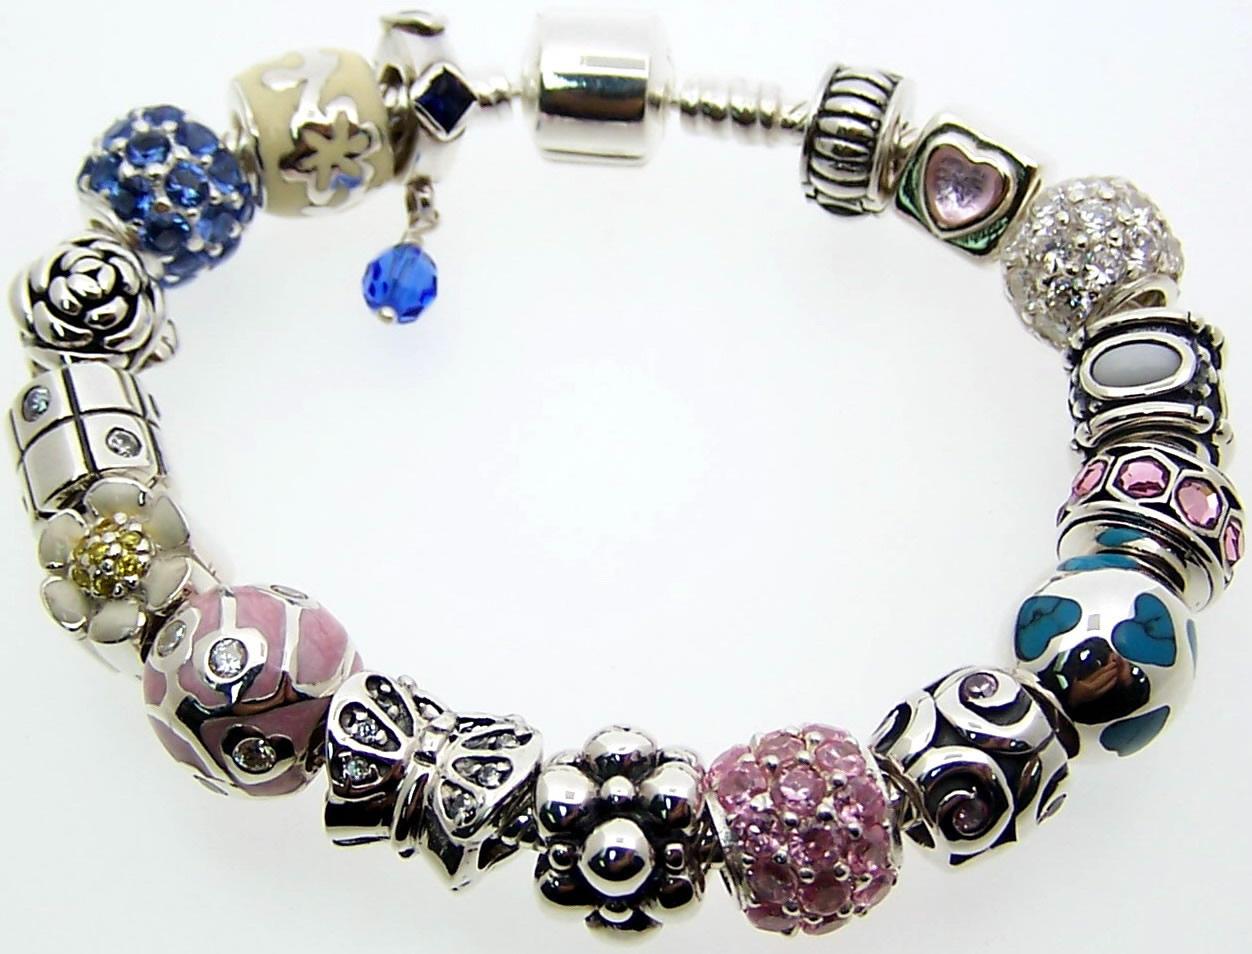 Bracelet Tool Galleries กรกฎาคม 2013